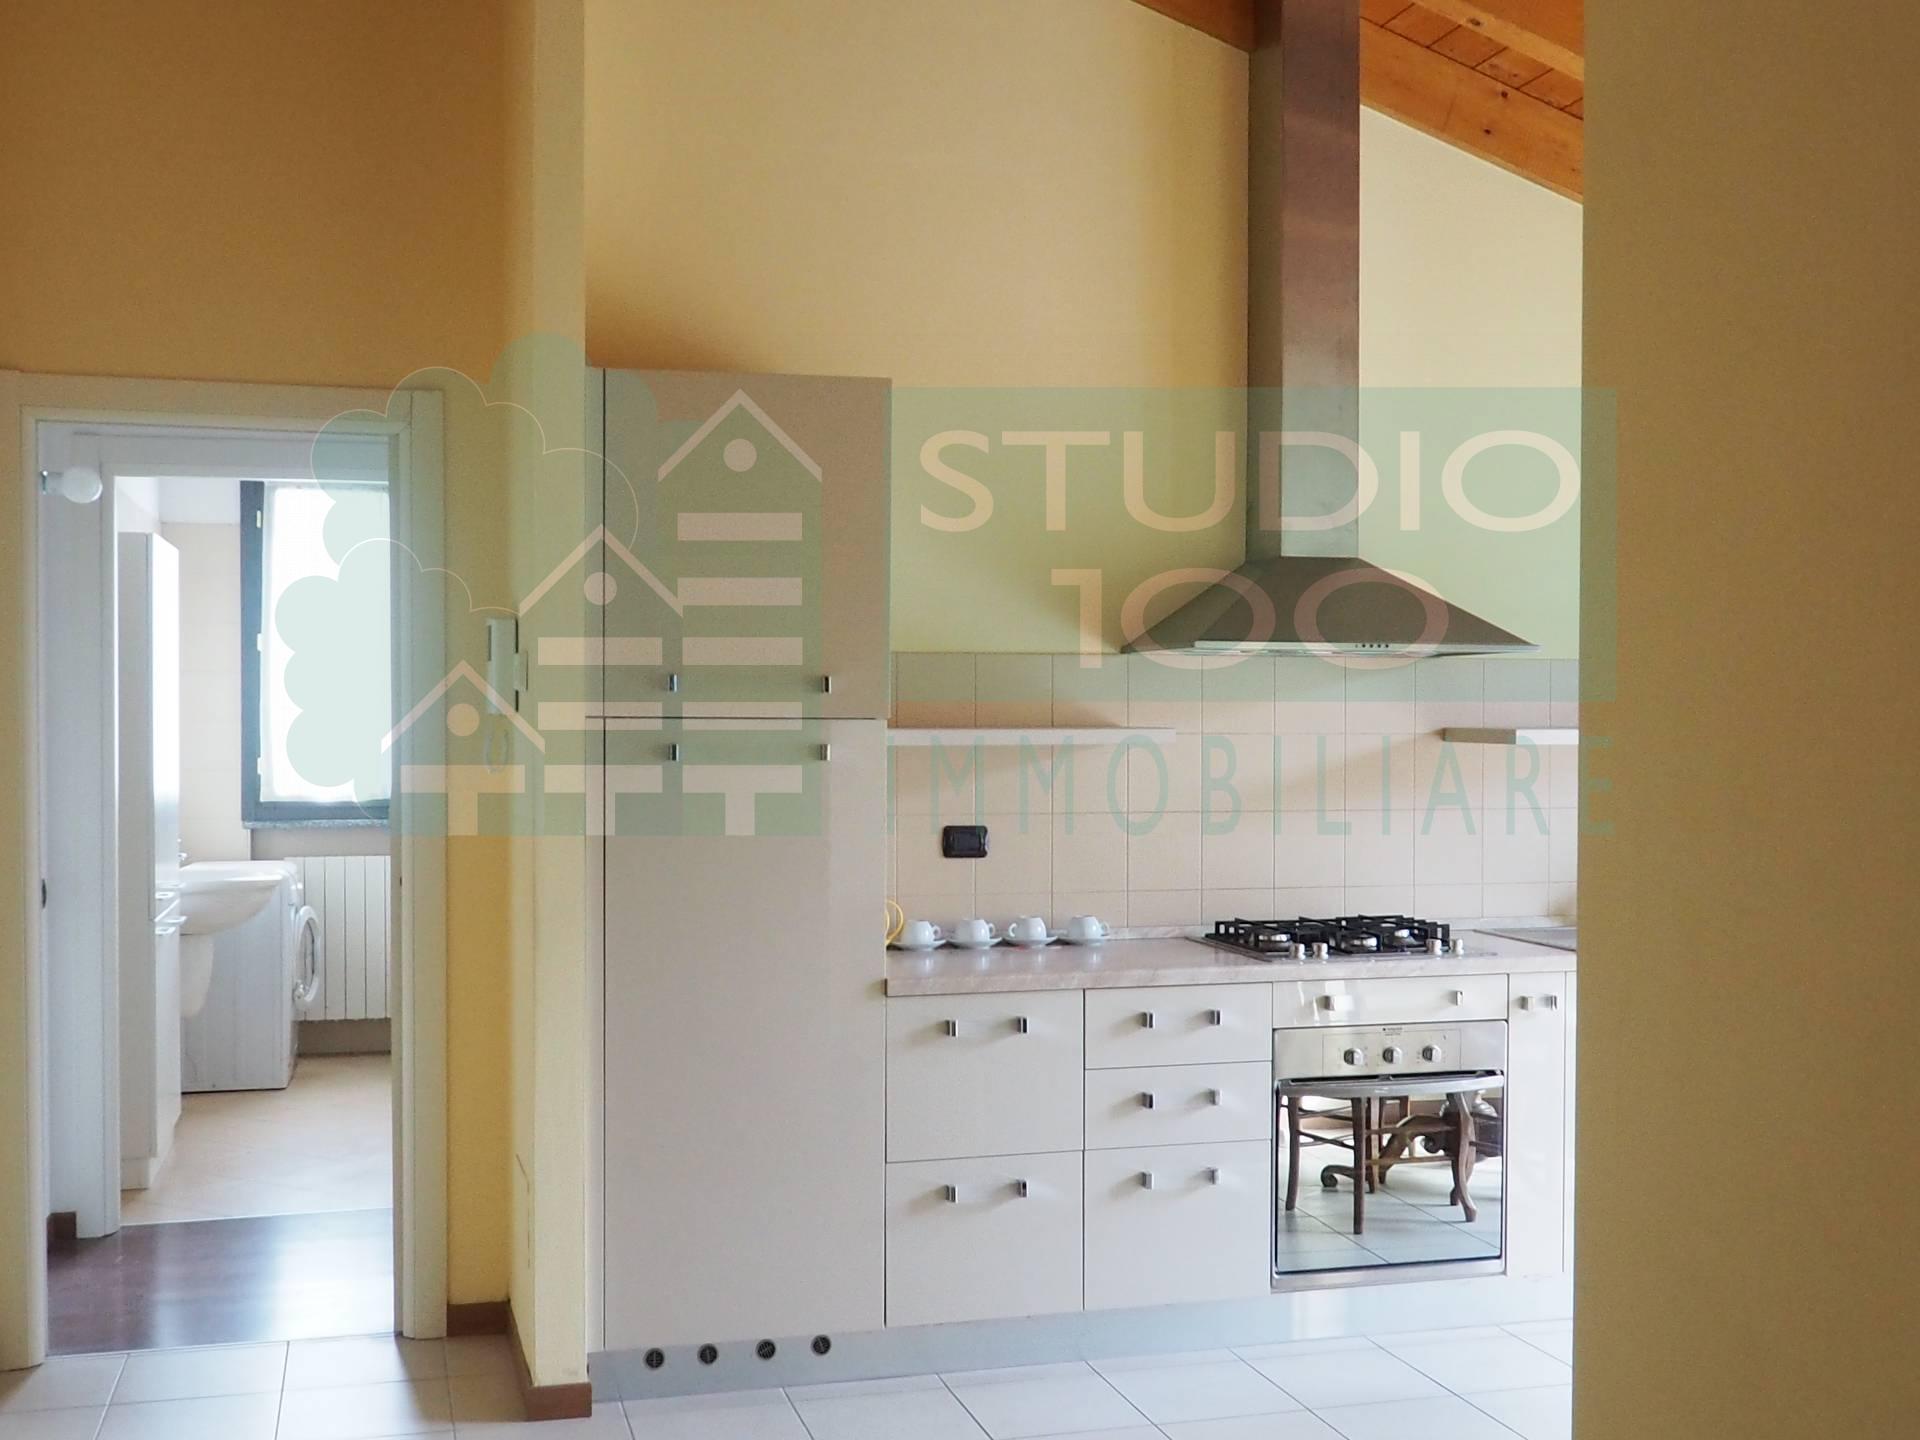 Appartamento in vendita a Casorate Sempione, 2 locali, prezzo € 95.000 | CambioCasa.it